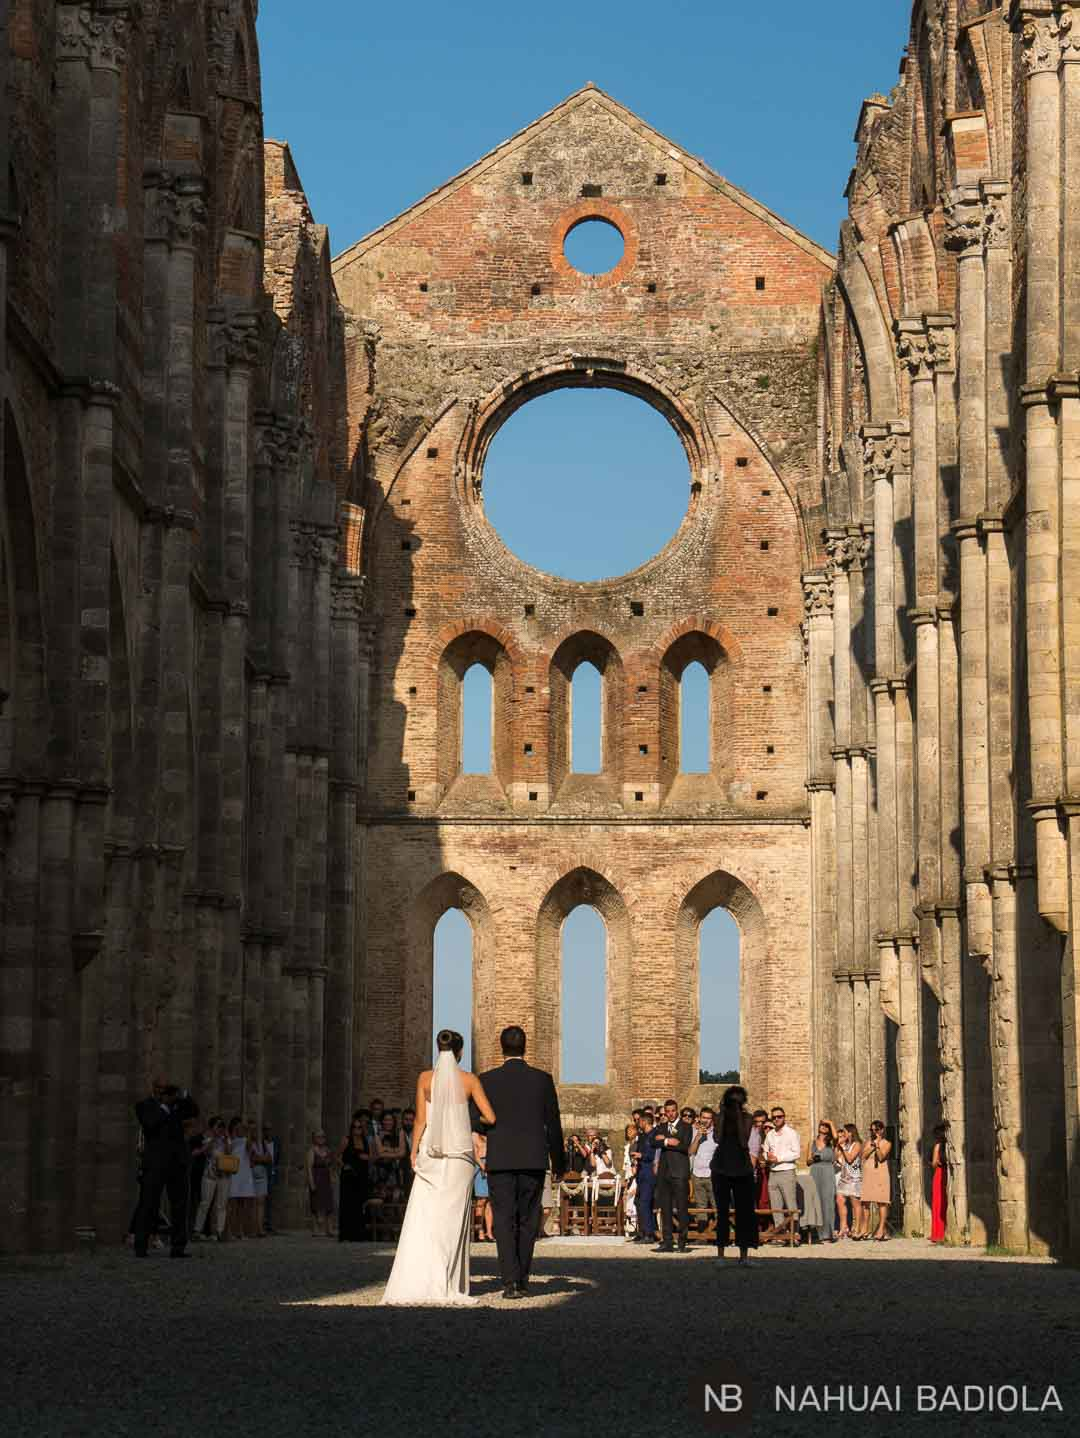 Un ejemplo de ceremonia nupcial teniendo lugar en el interior de la abadía de San Galgano, la Toscana